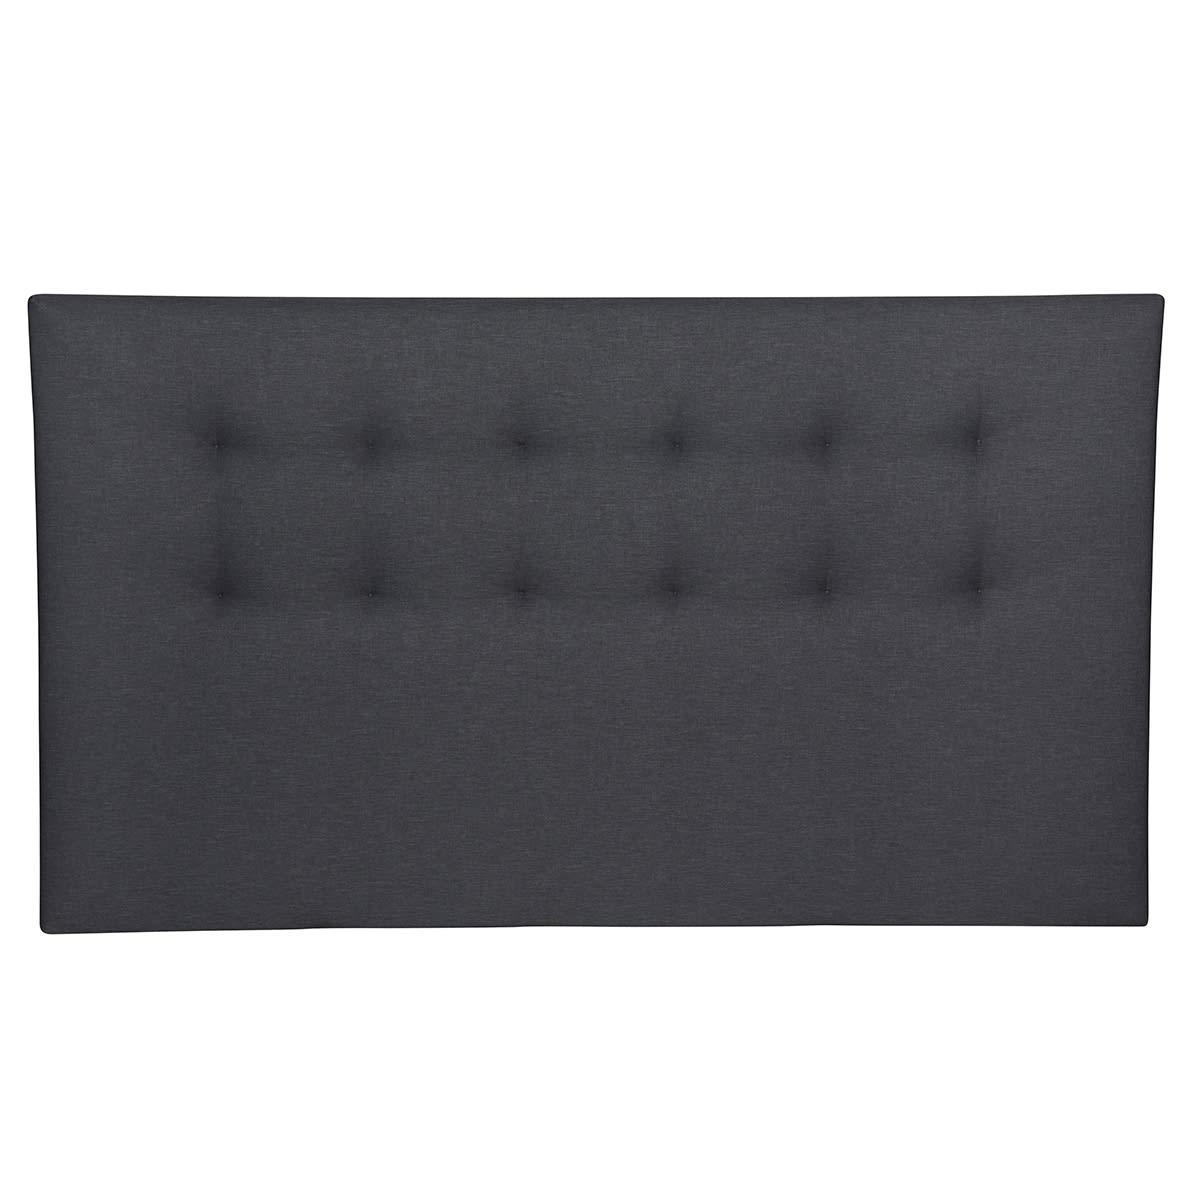 180 cm - Passer til De Lux Superior og De Lux Natural senge